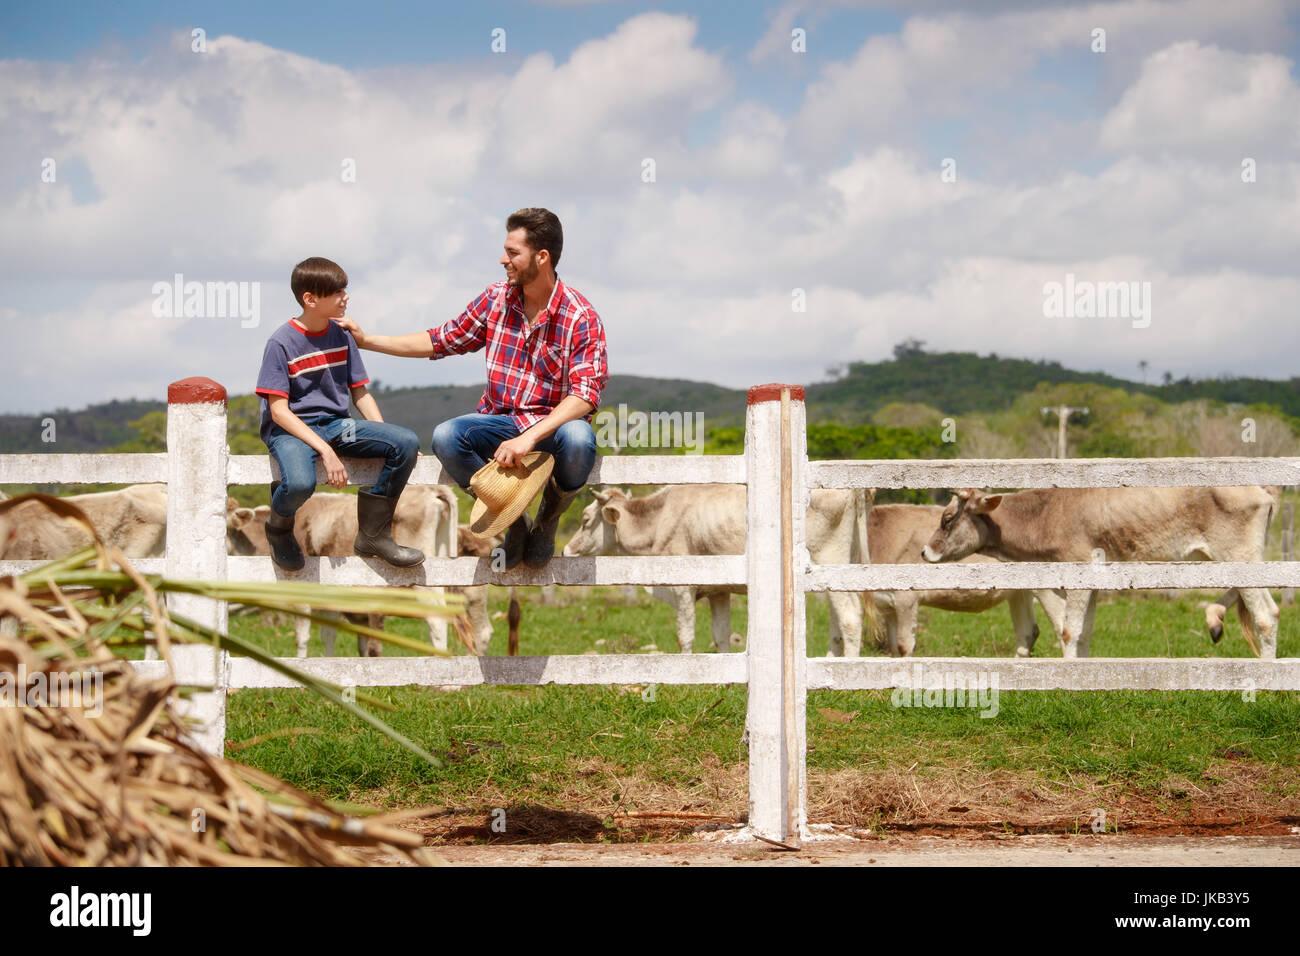 La vita quotidiana per il contadino con le mucche in campagna. Il lavoro dei contadini del sud America con bestiame Foto Stock